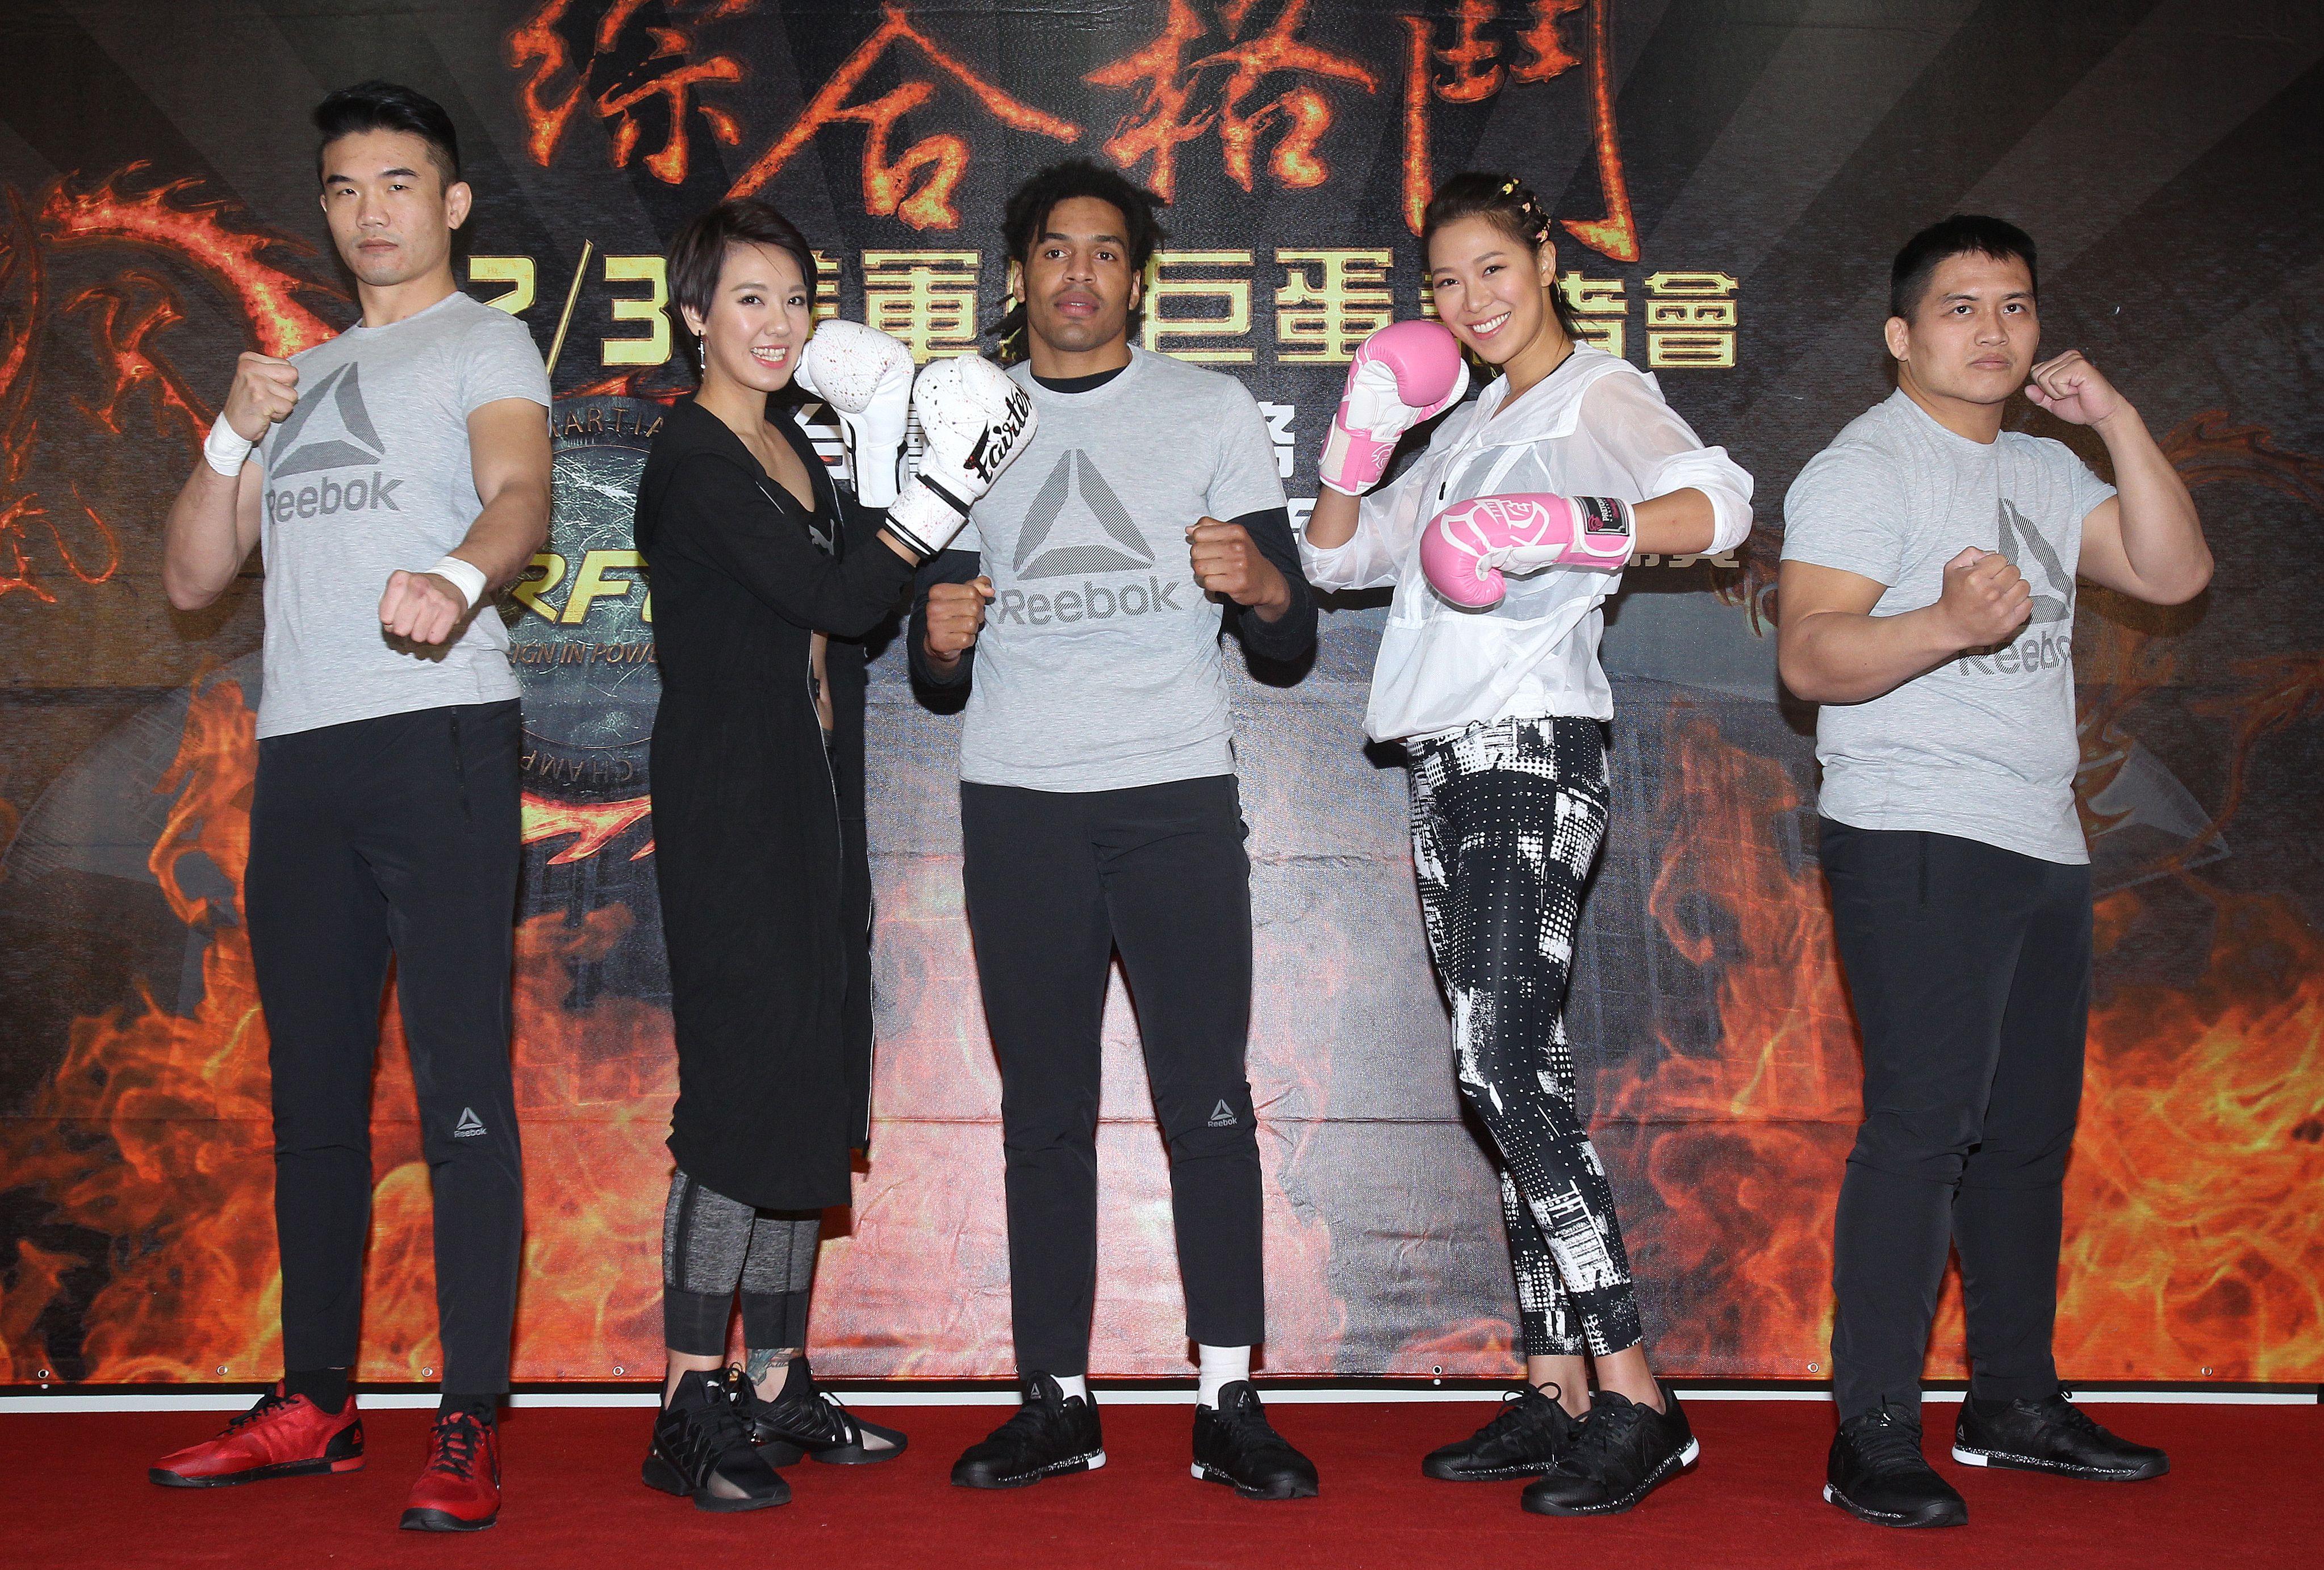 林又立、劉宇柔任RFC首屆綜合格鬥錦標賽大使。(記者邱榮吉/攝影)